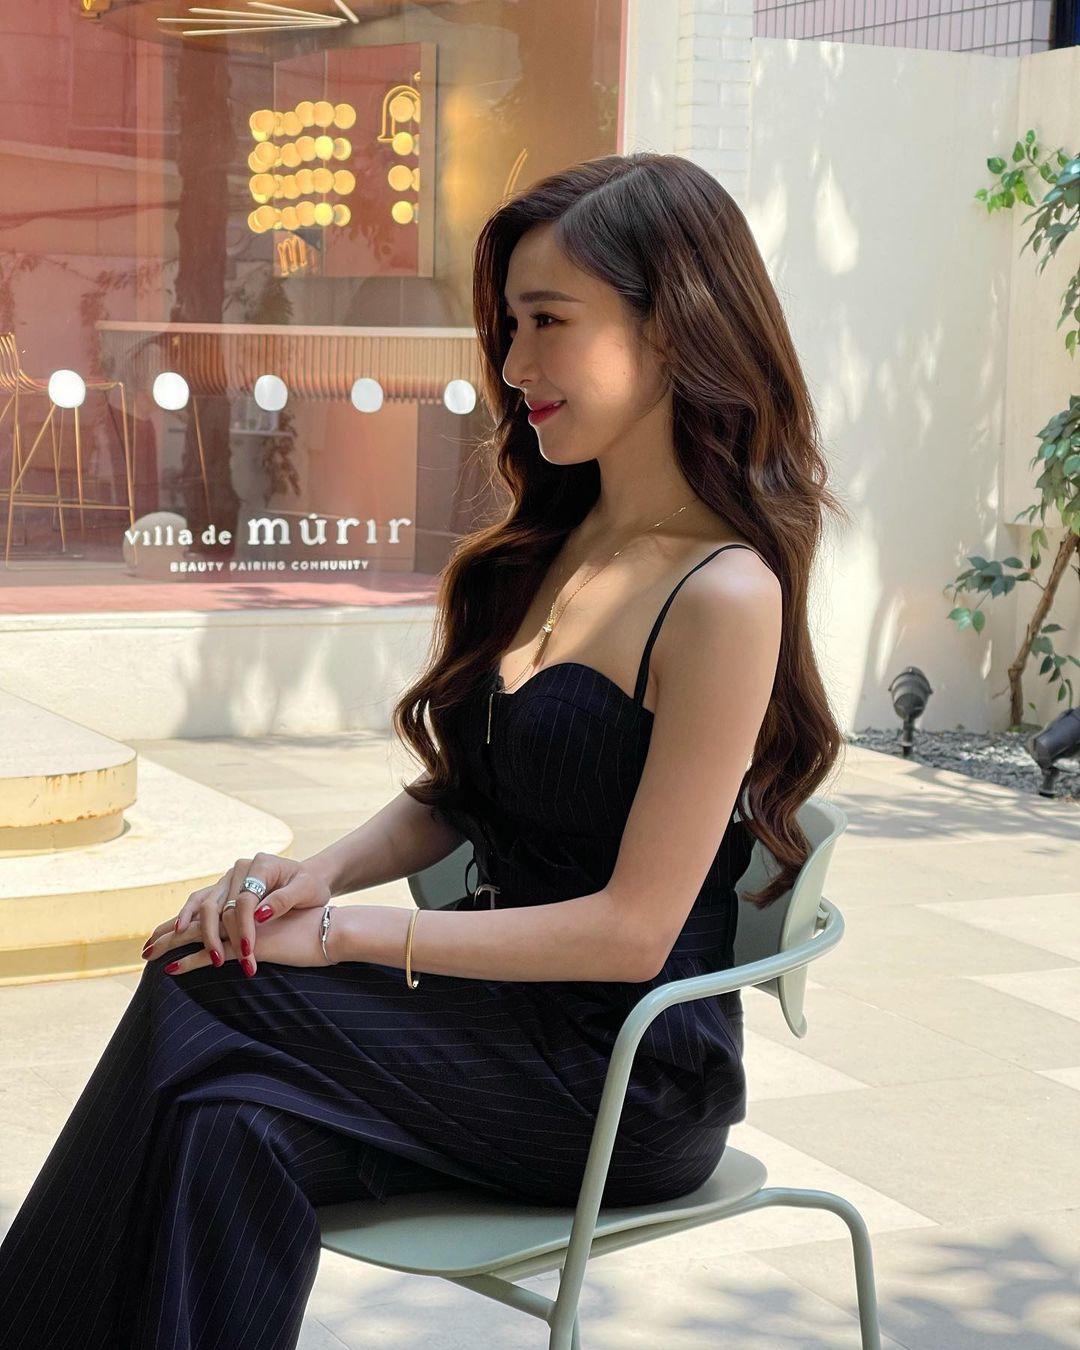 Style mùa hè của Tiffany - Sooyoung (SNSD) chính là chân ái cho những quý cô thanh lịch nhưng sexy khó cưỡng - Ảnh 1.